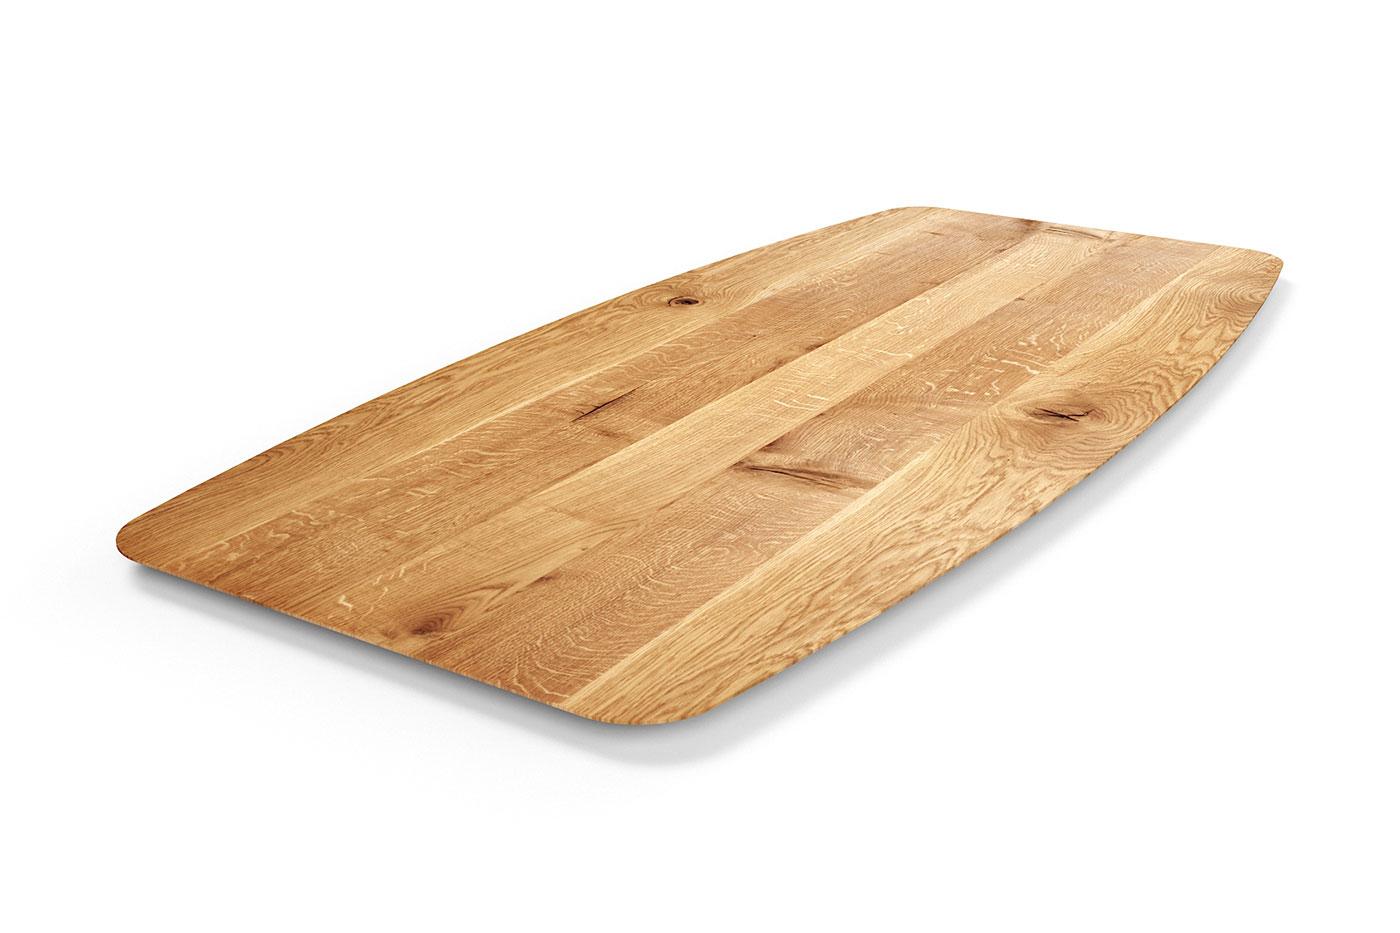 Tischplatte Tonnenform Eiche mit Schweizer Kante